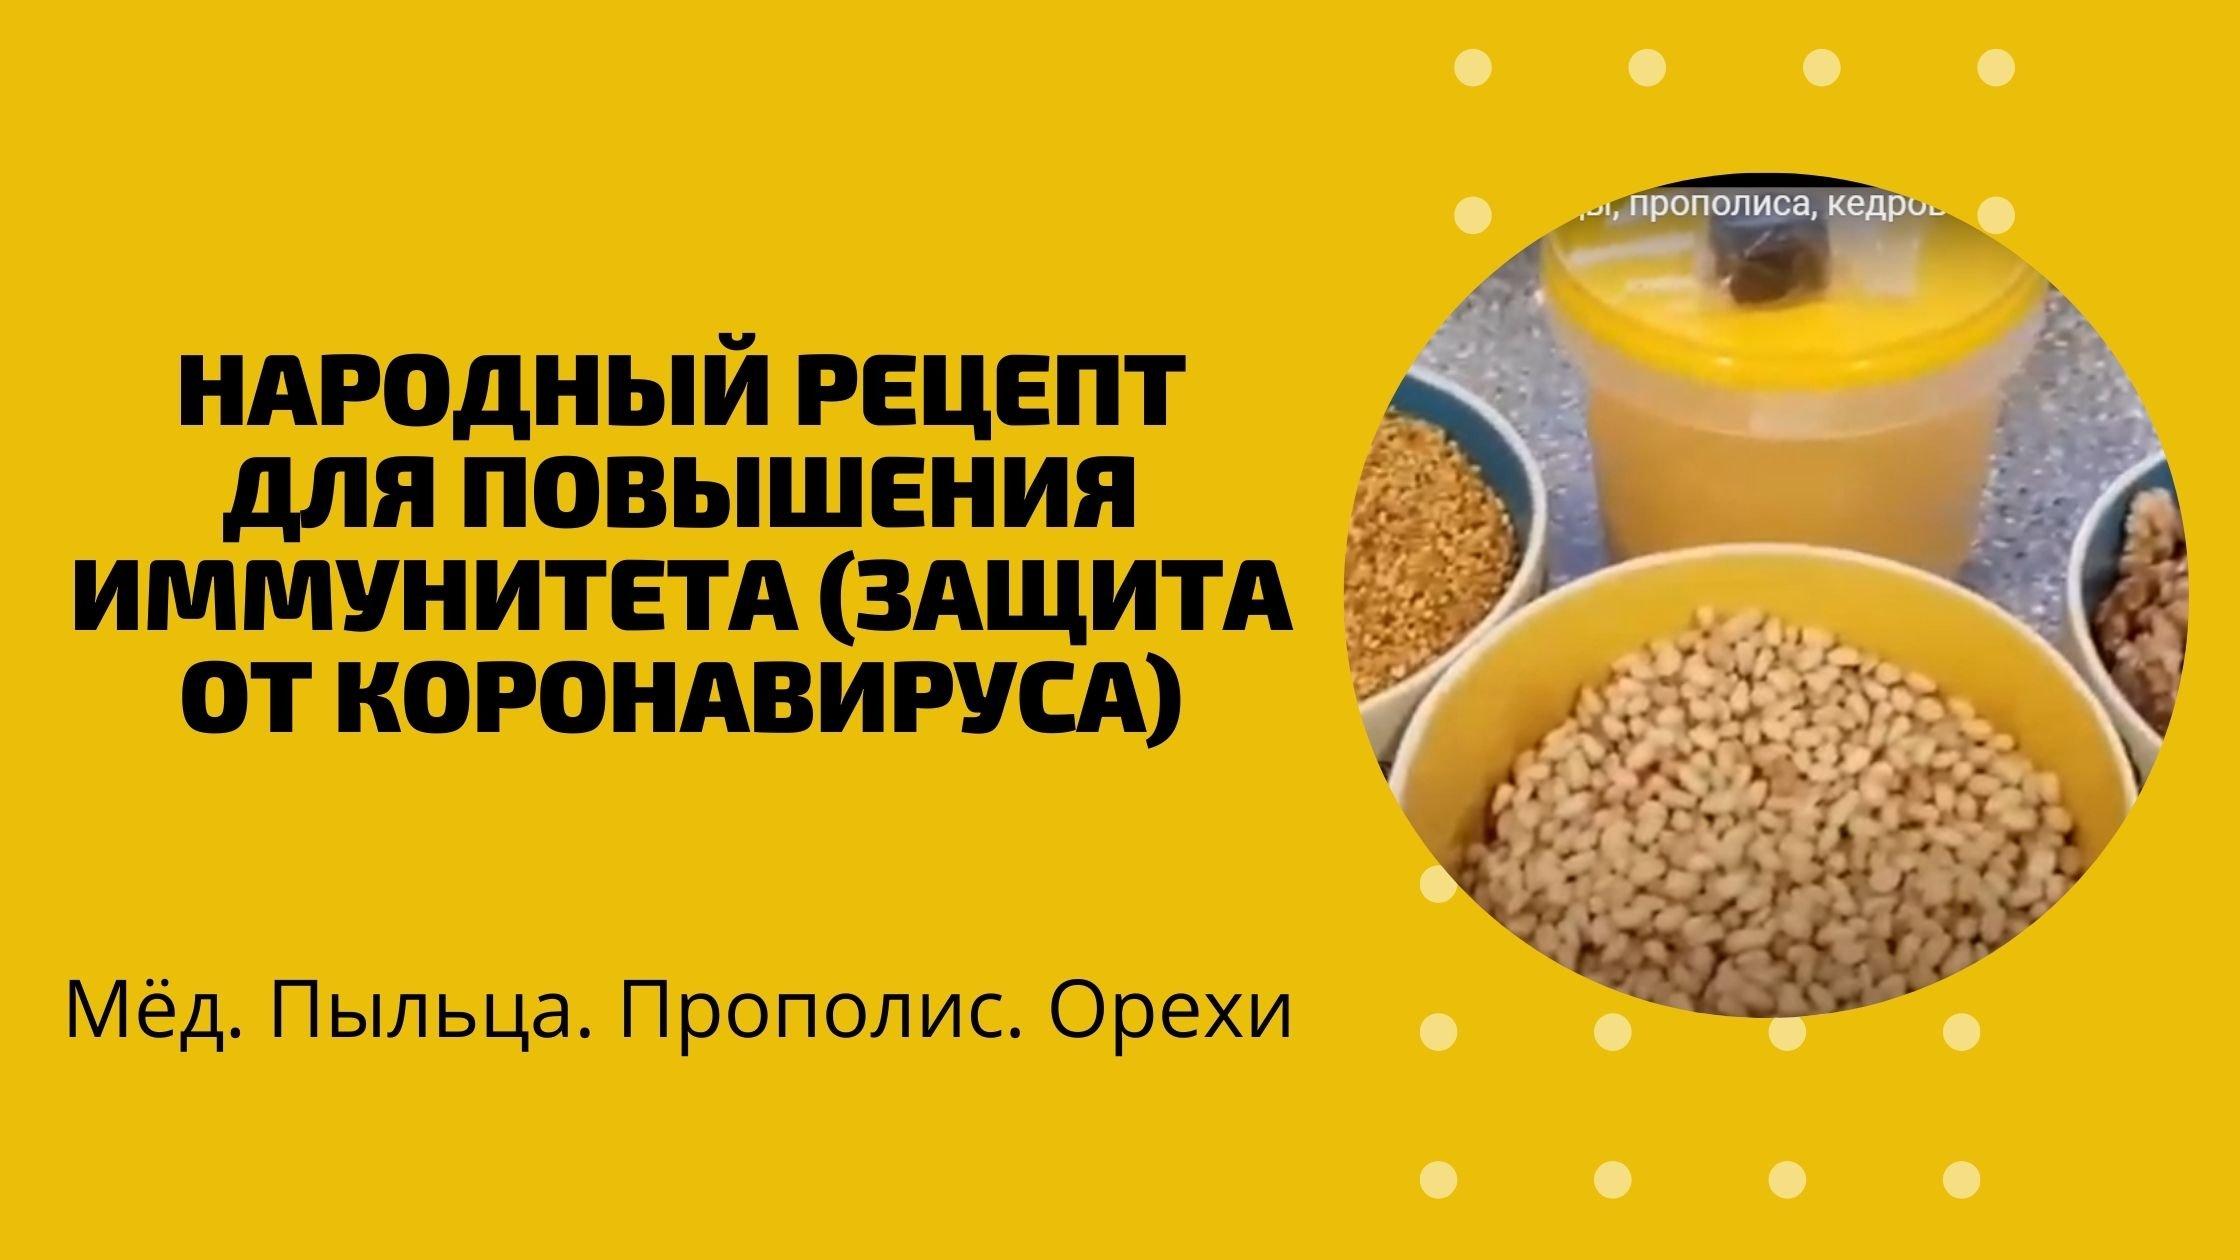 Народный рецепт для повышения иммунитета (Защита от коронавируса)